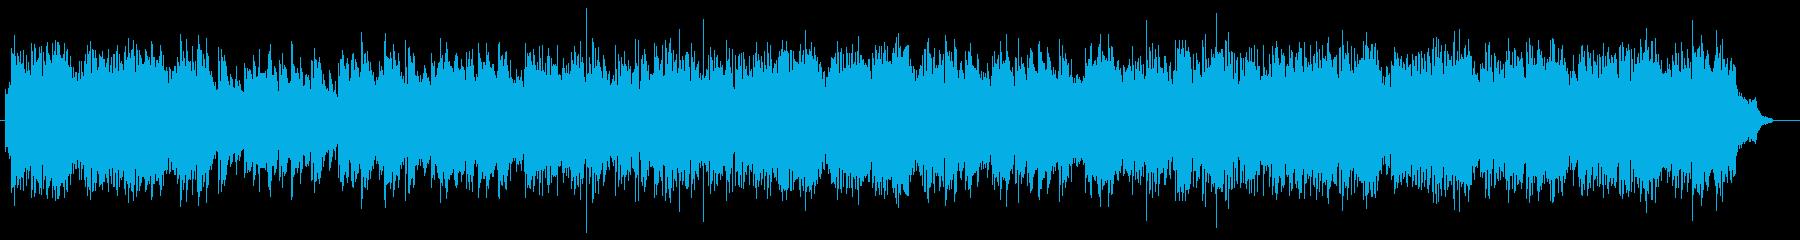 ストリングスとチェロのハーモニーの再生済みの波形